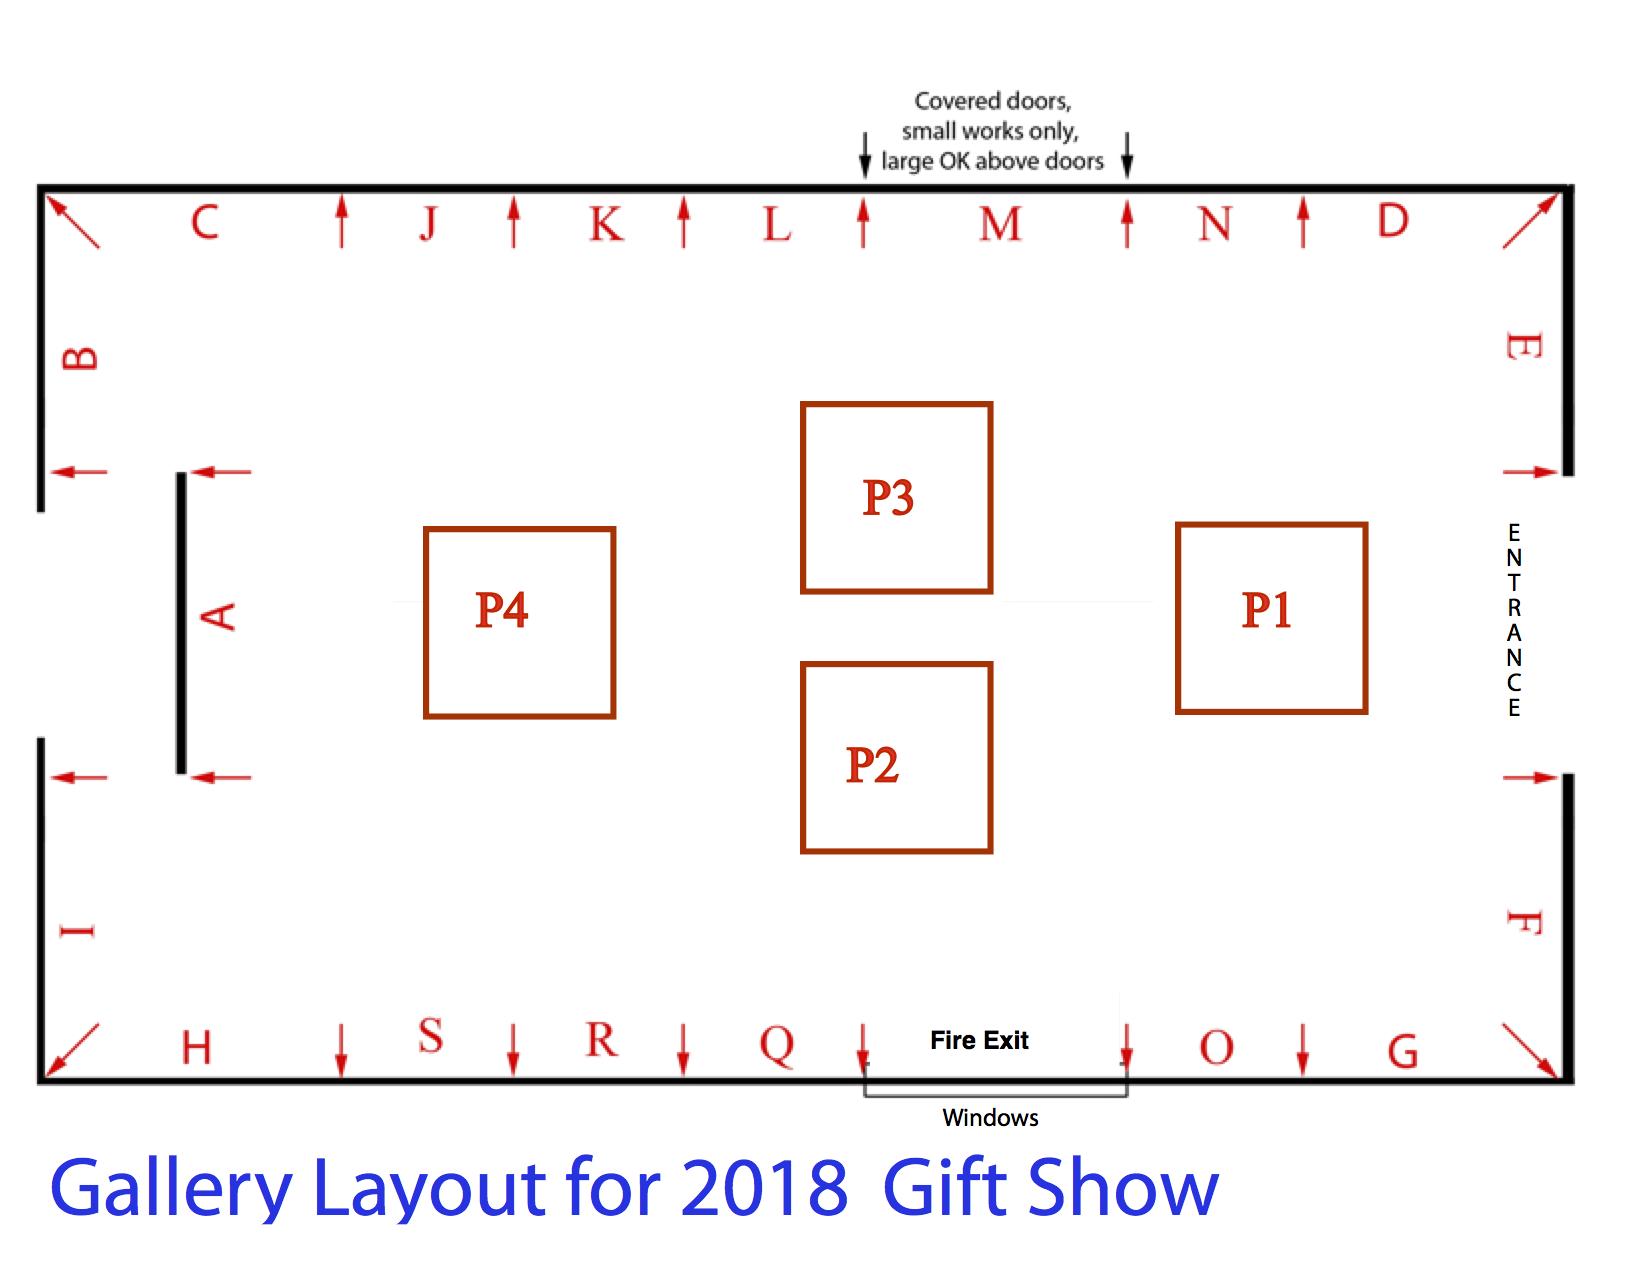 GalleryLayout_GiftShow2018